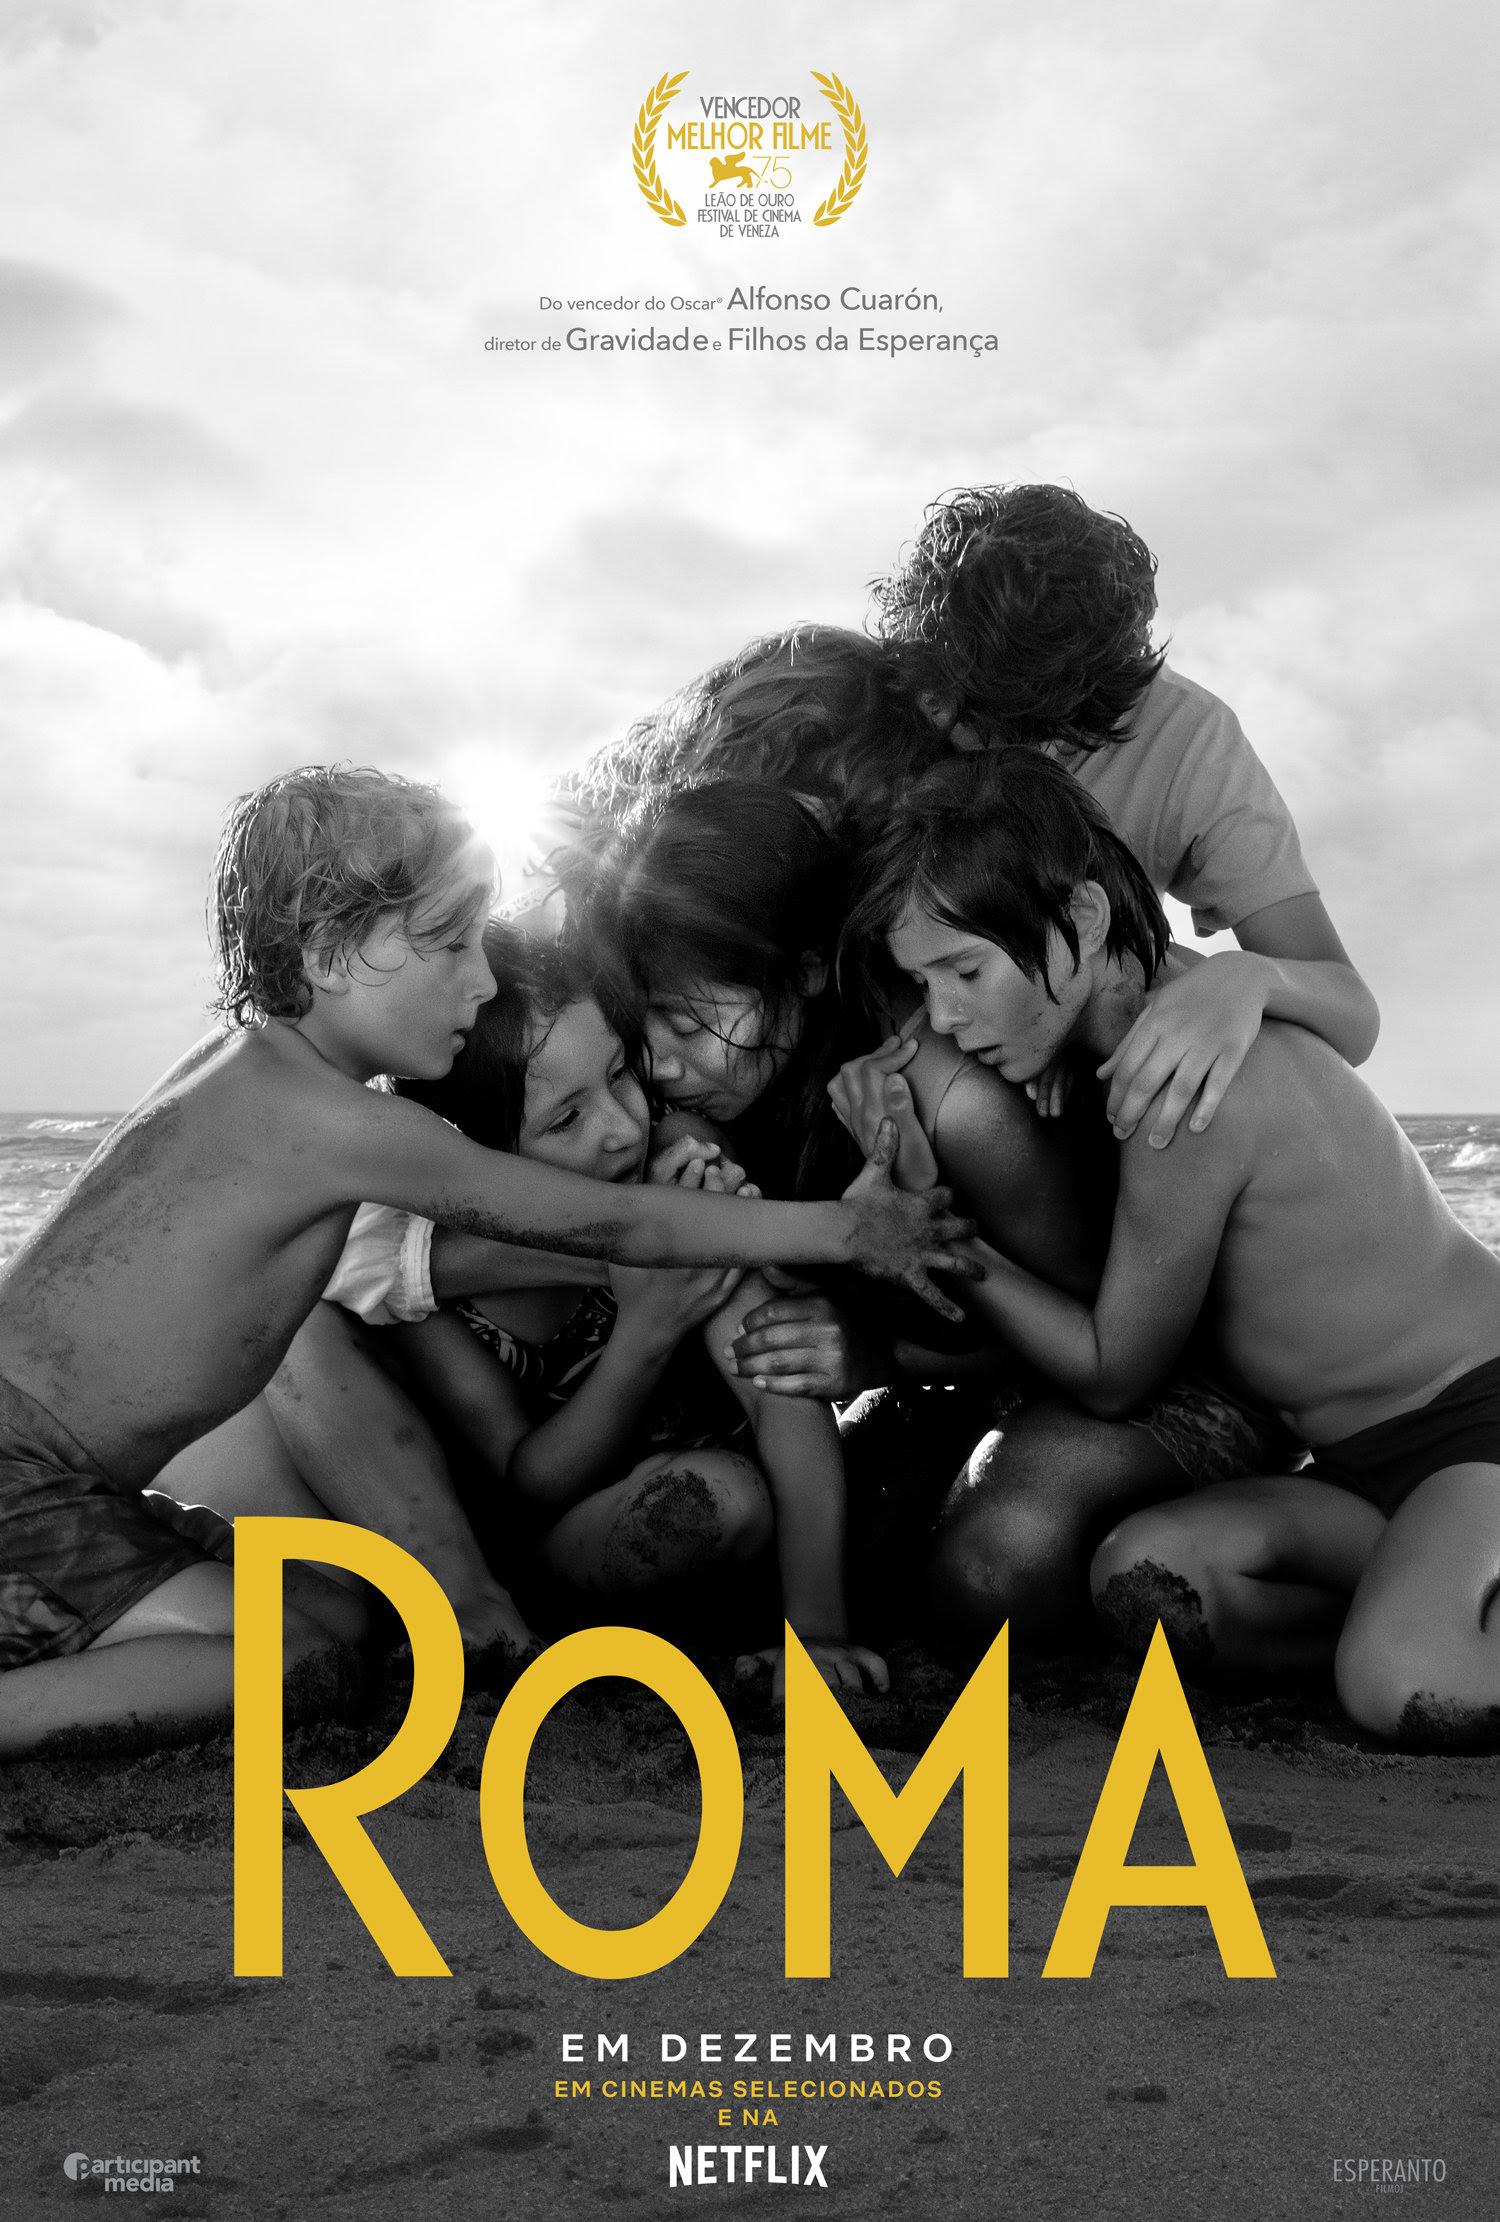 ROMA (México, 2018)